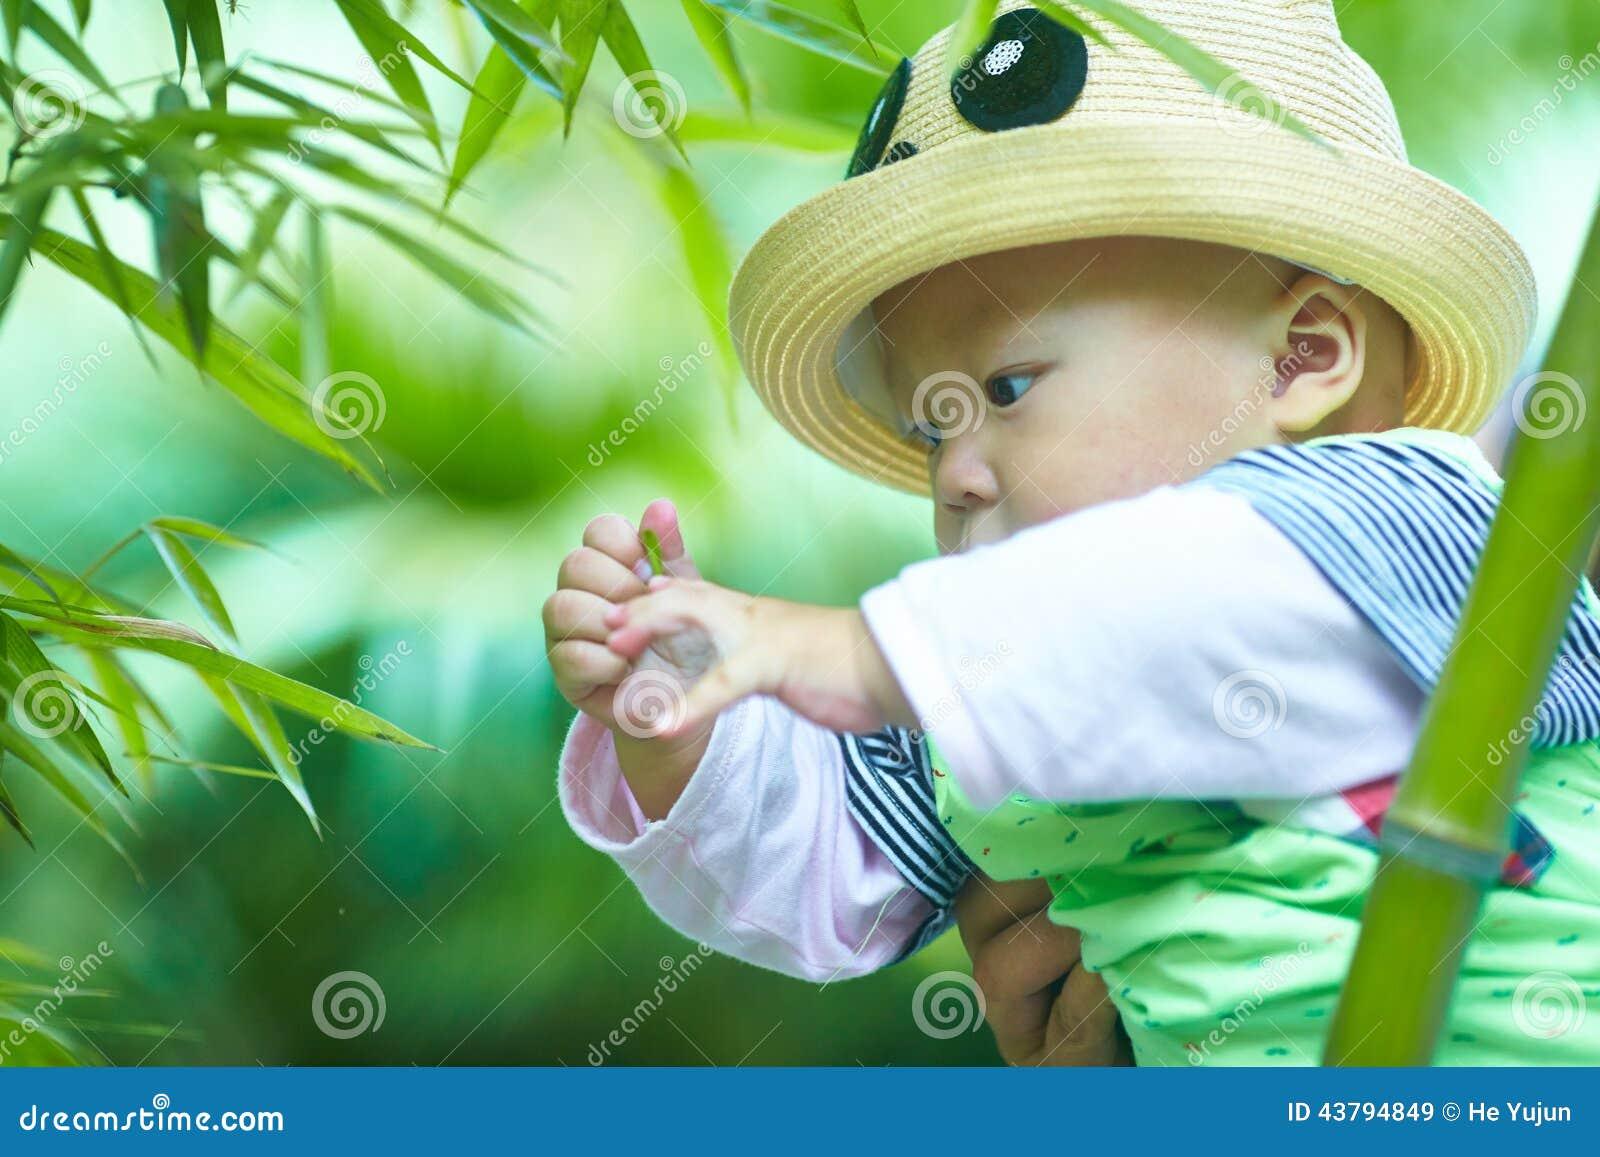 Παιχνίδι αγοράκι στο δάσος μπαμπού